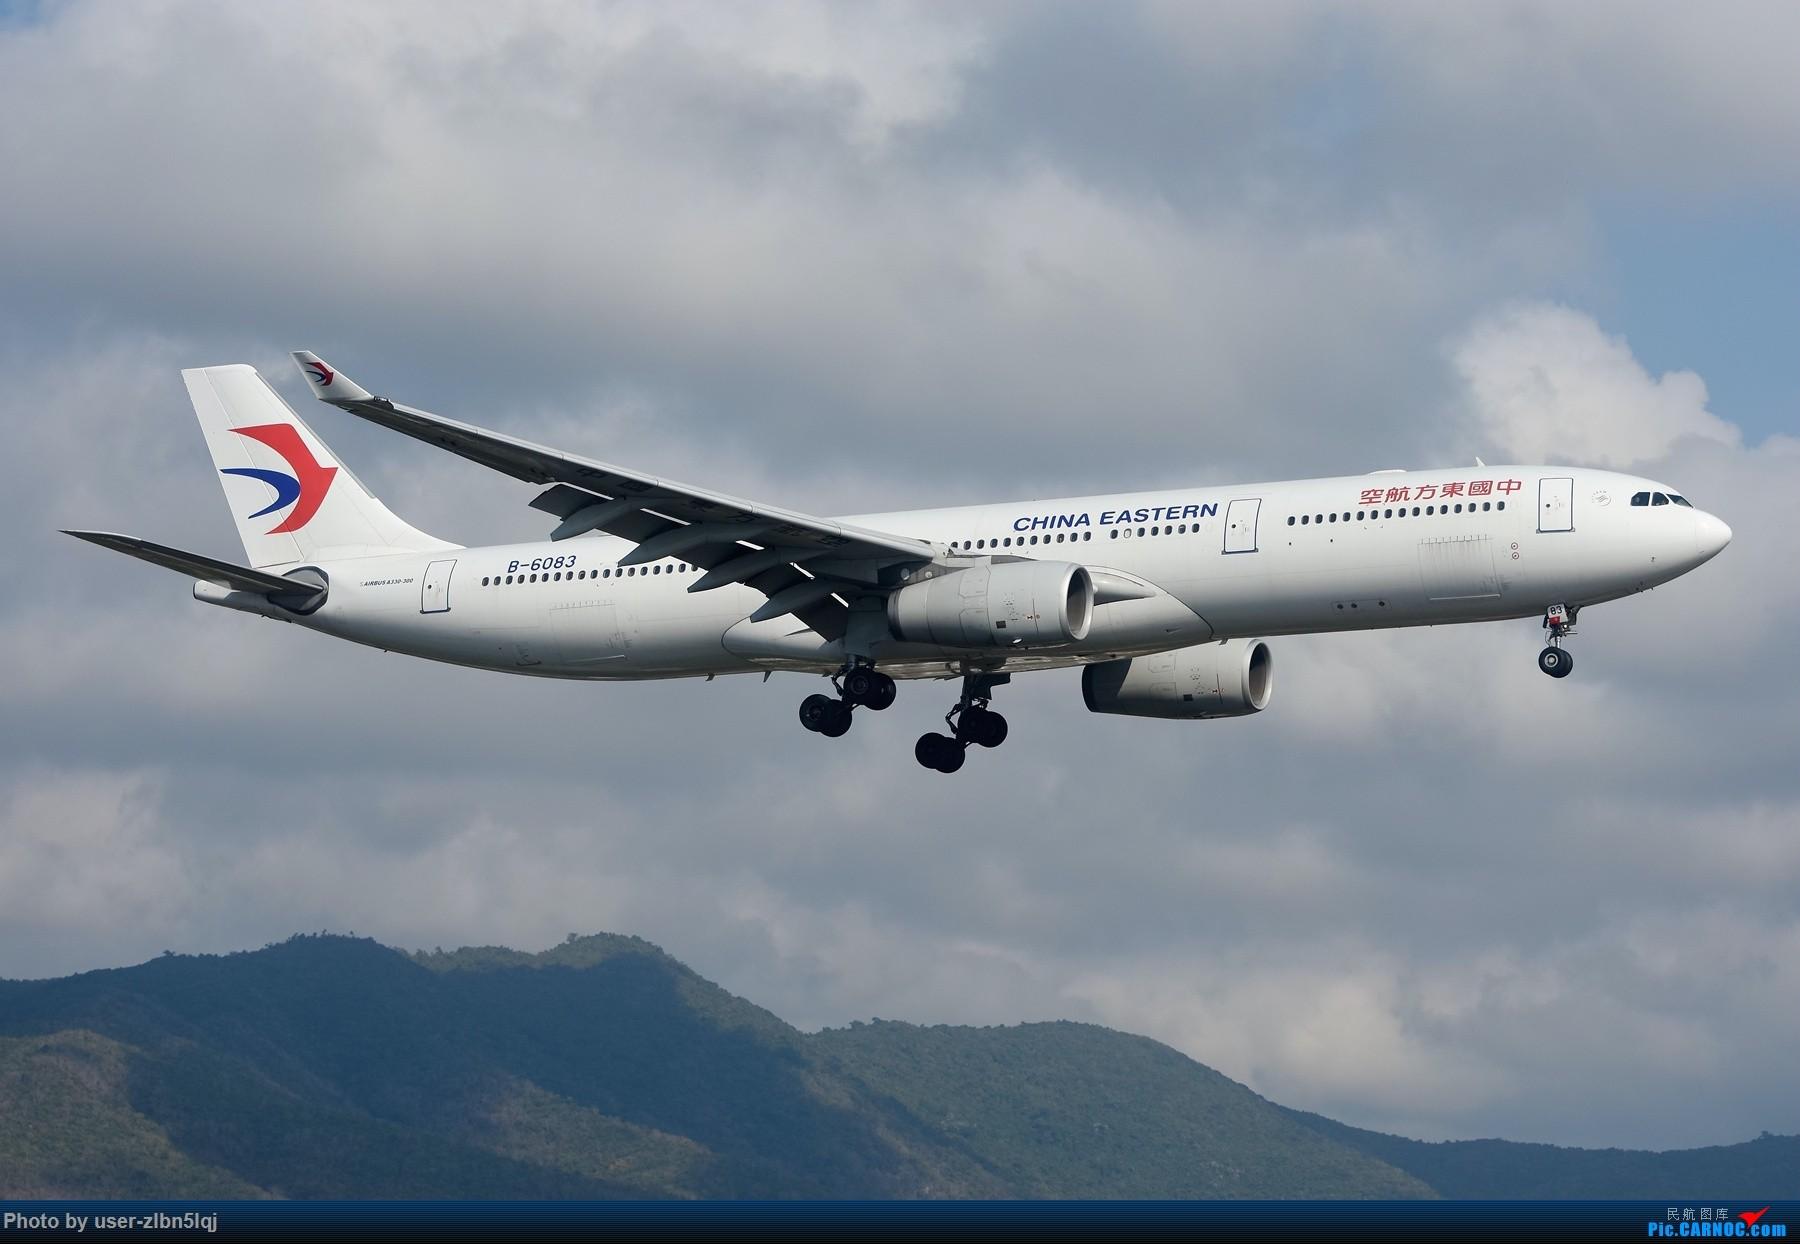 [原创]重庆飞友三亚拍机,见证了三亚宽体群,图多勿喷。    中国三亚凤凰国际机场